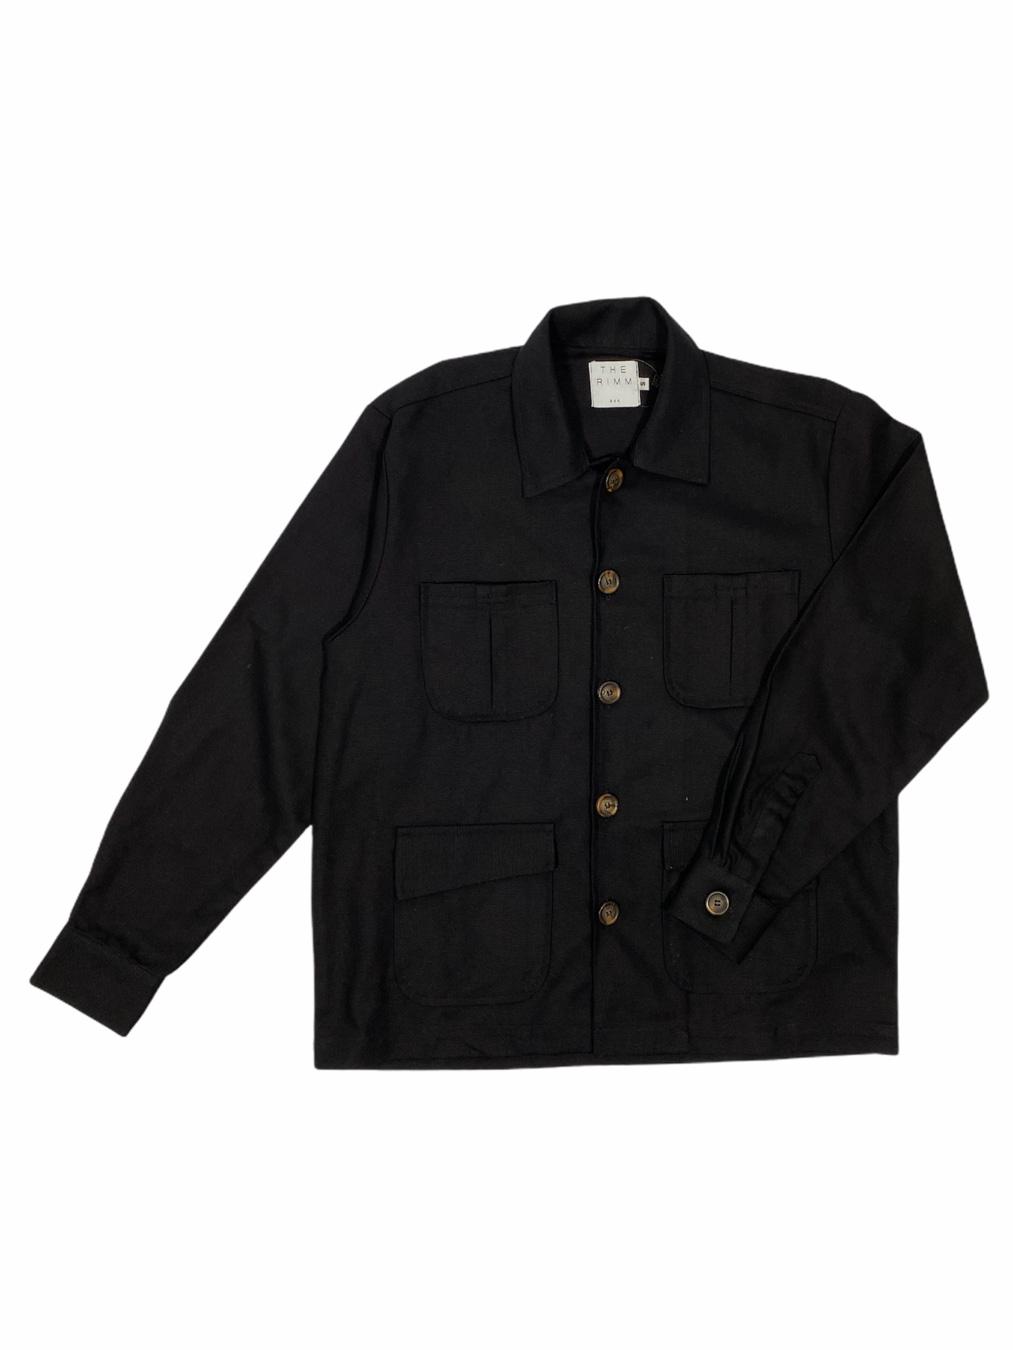 4 Pockets Jackets (Black)